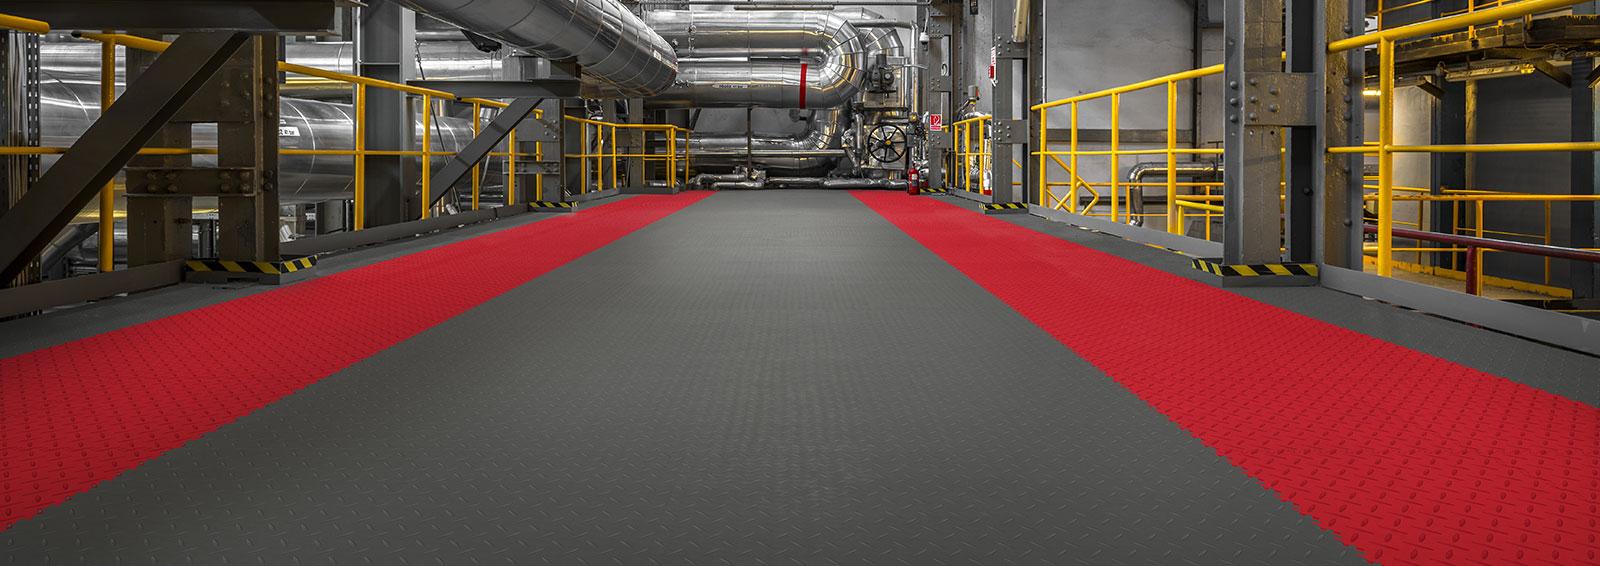 Pavimenti In Pvc Ad Incastro pavimento per garage in pvc | pavimento in pvc per garage